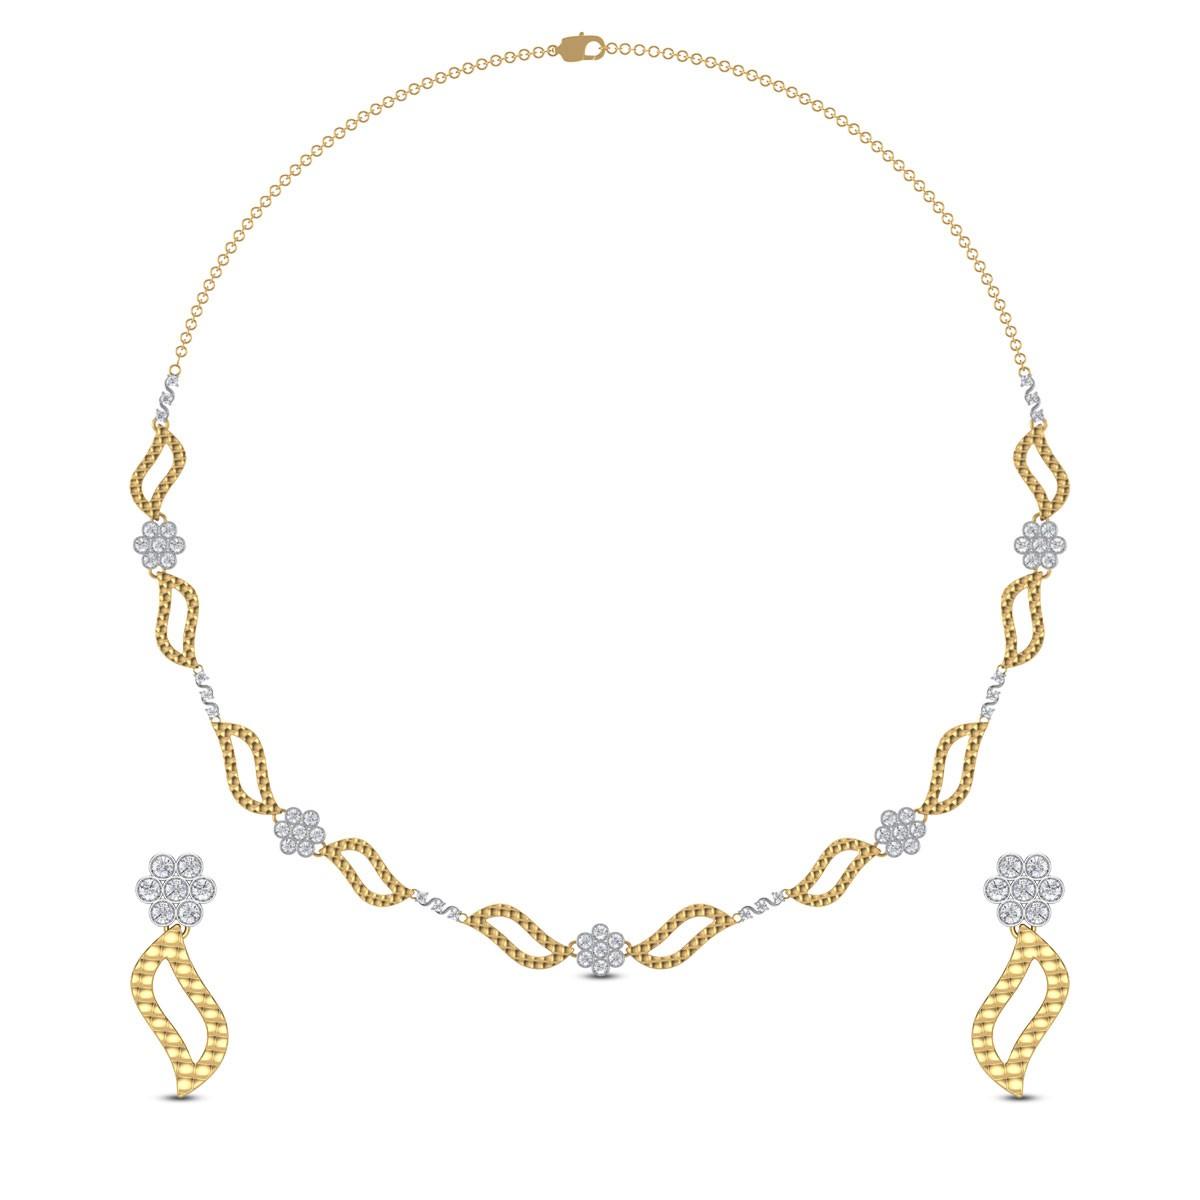 Brionne Diamond Necklace Set